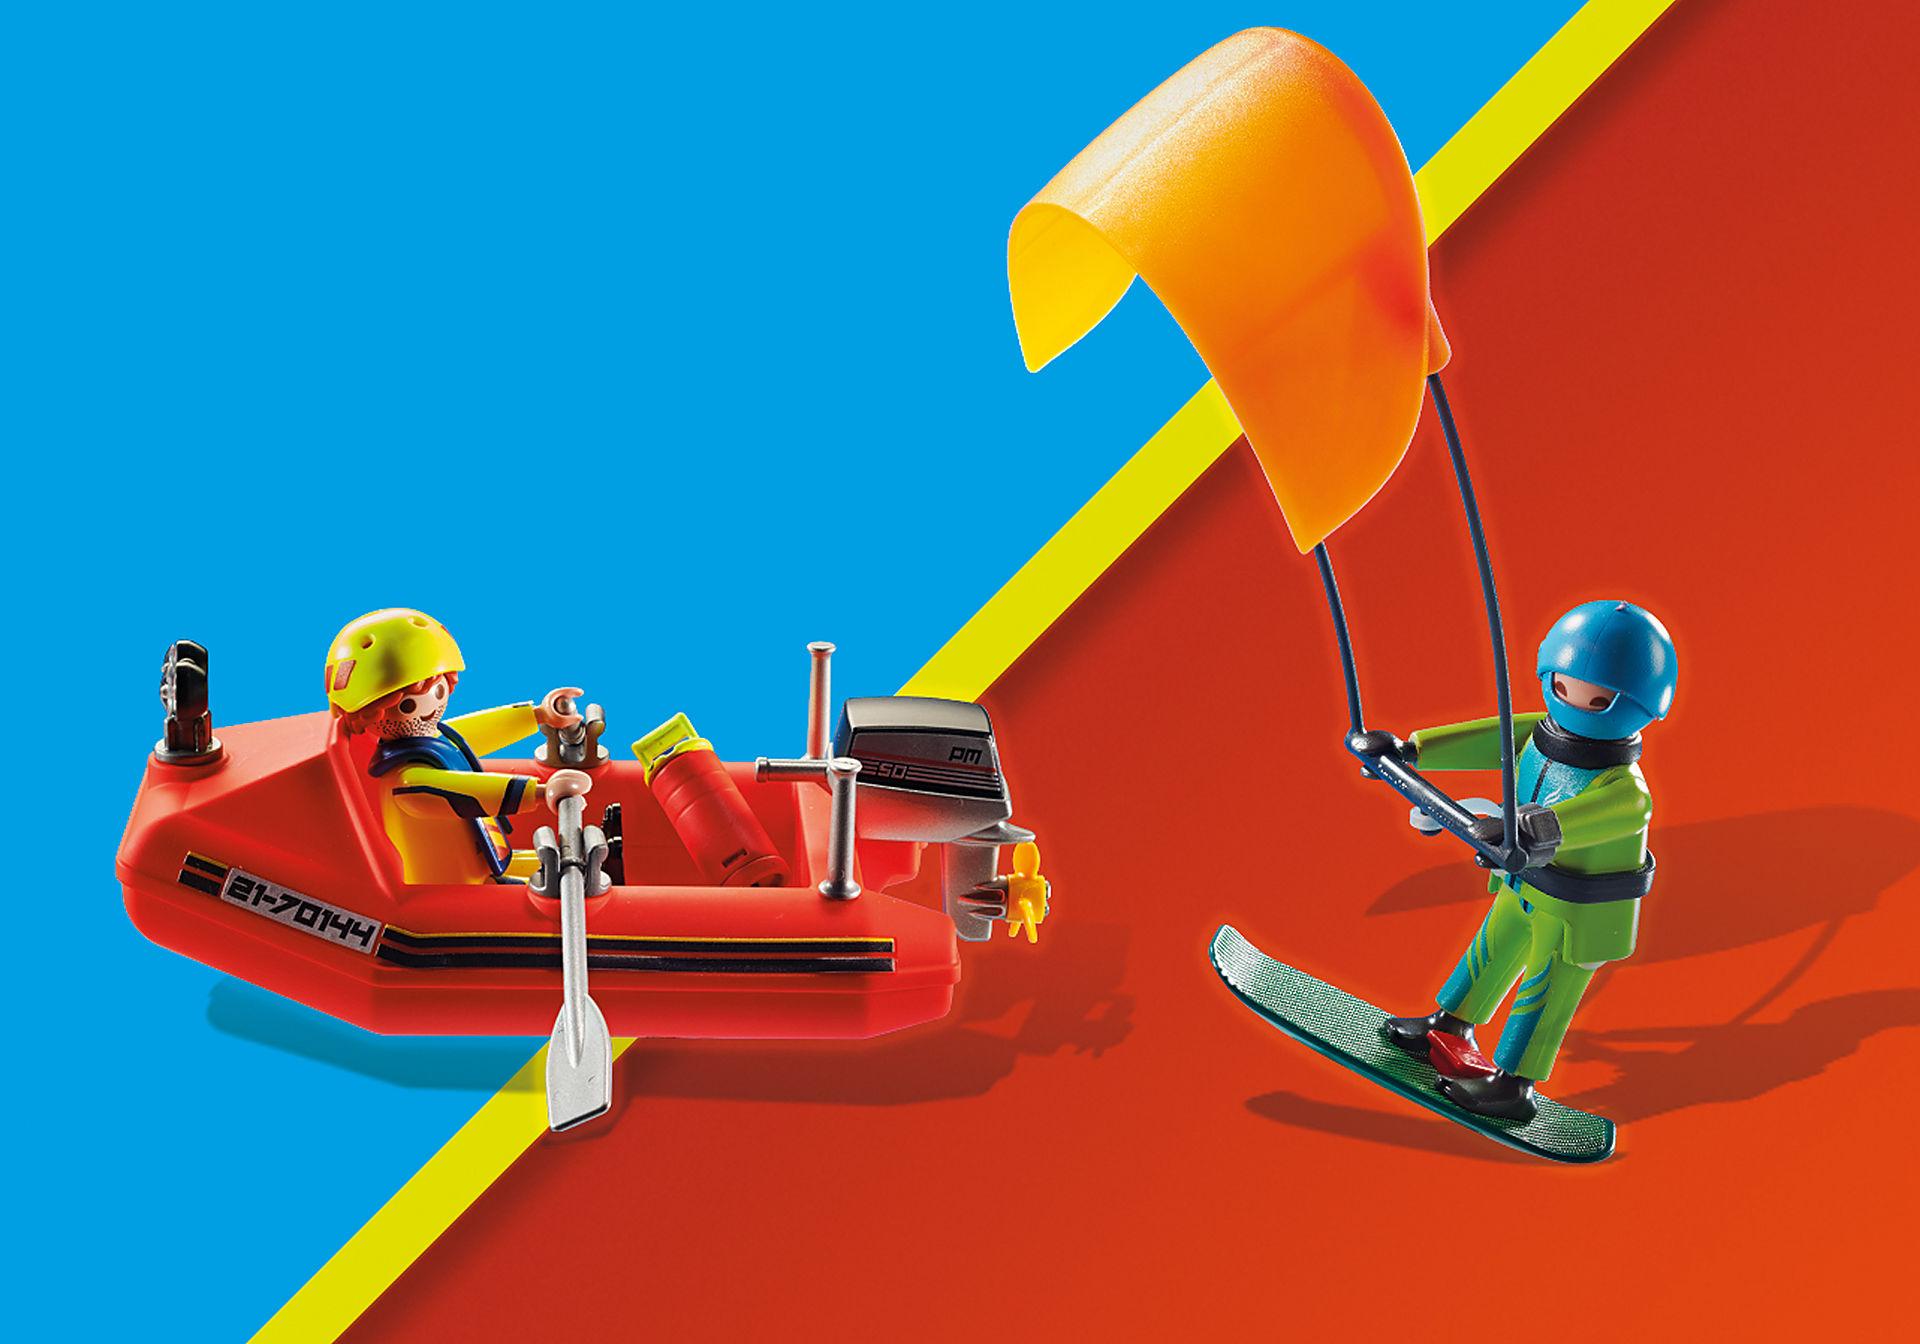 70144 Skibsredning: Kitesurferredning med båd zoom image6